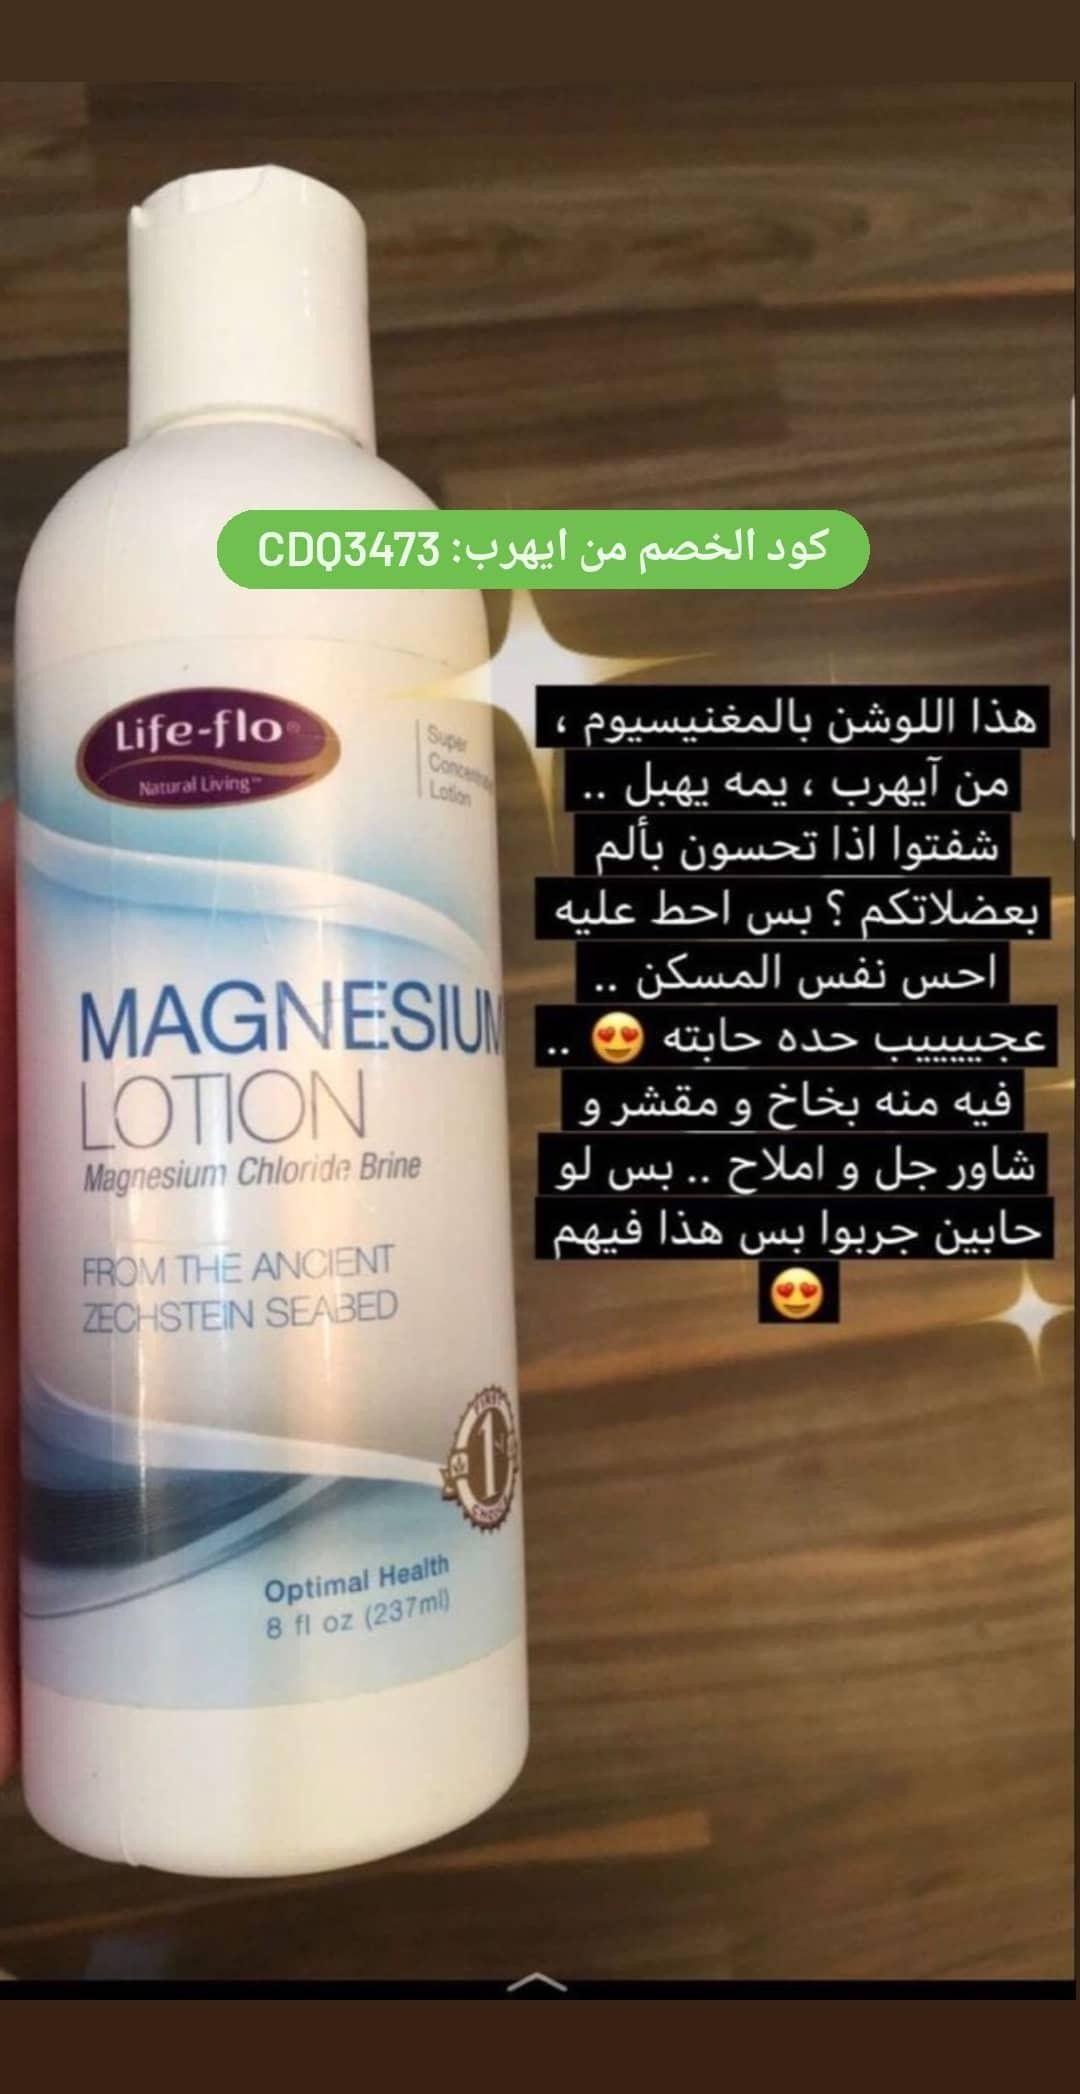 كود خصم من ايهرب Cdq3473 Magnesium Lotion Lotion Natural Living